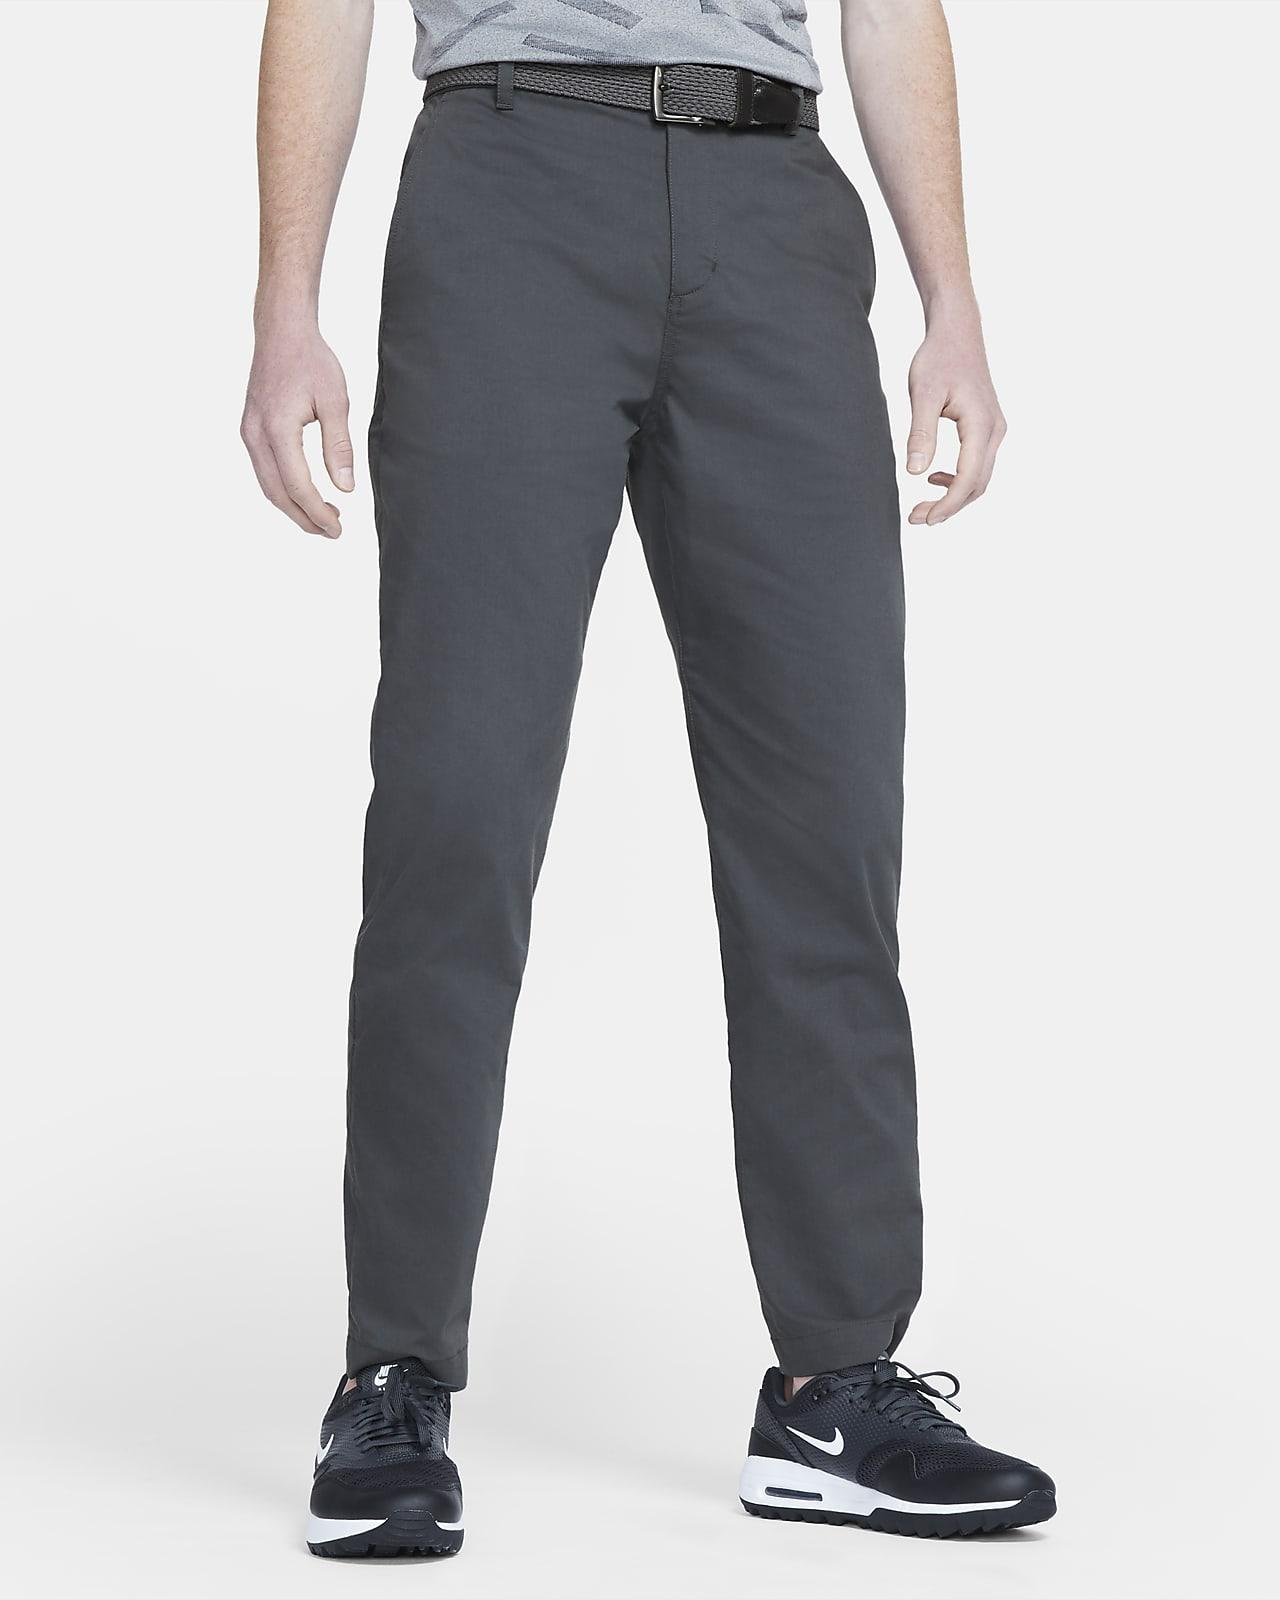 Nike Dri-FIT UV Men's Standard Fit Golf Chino Pants